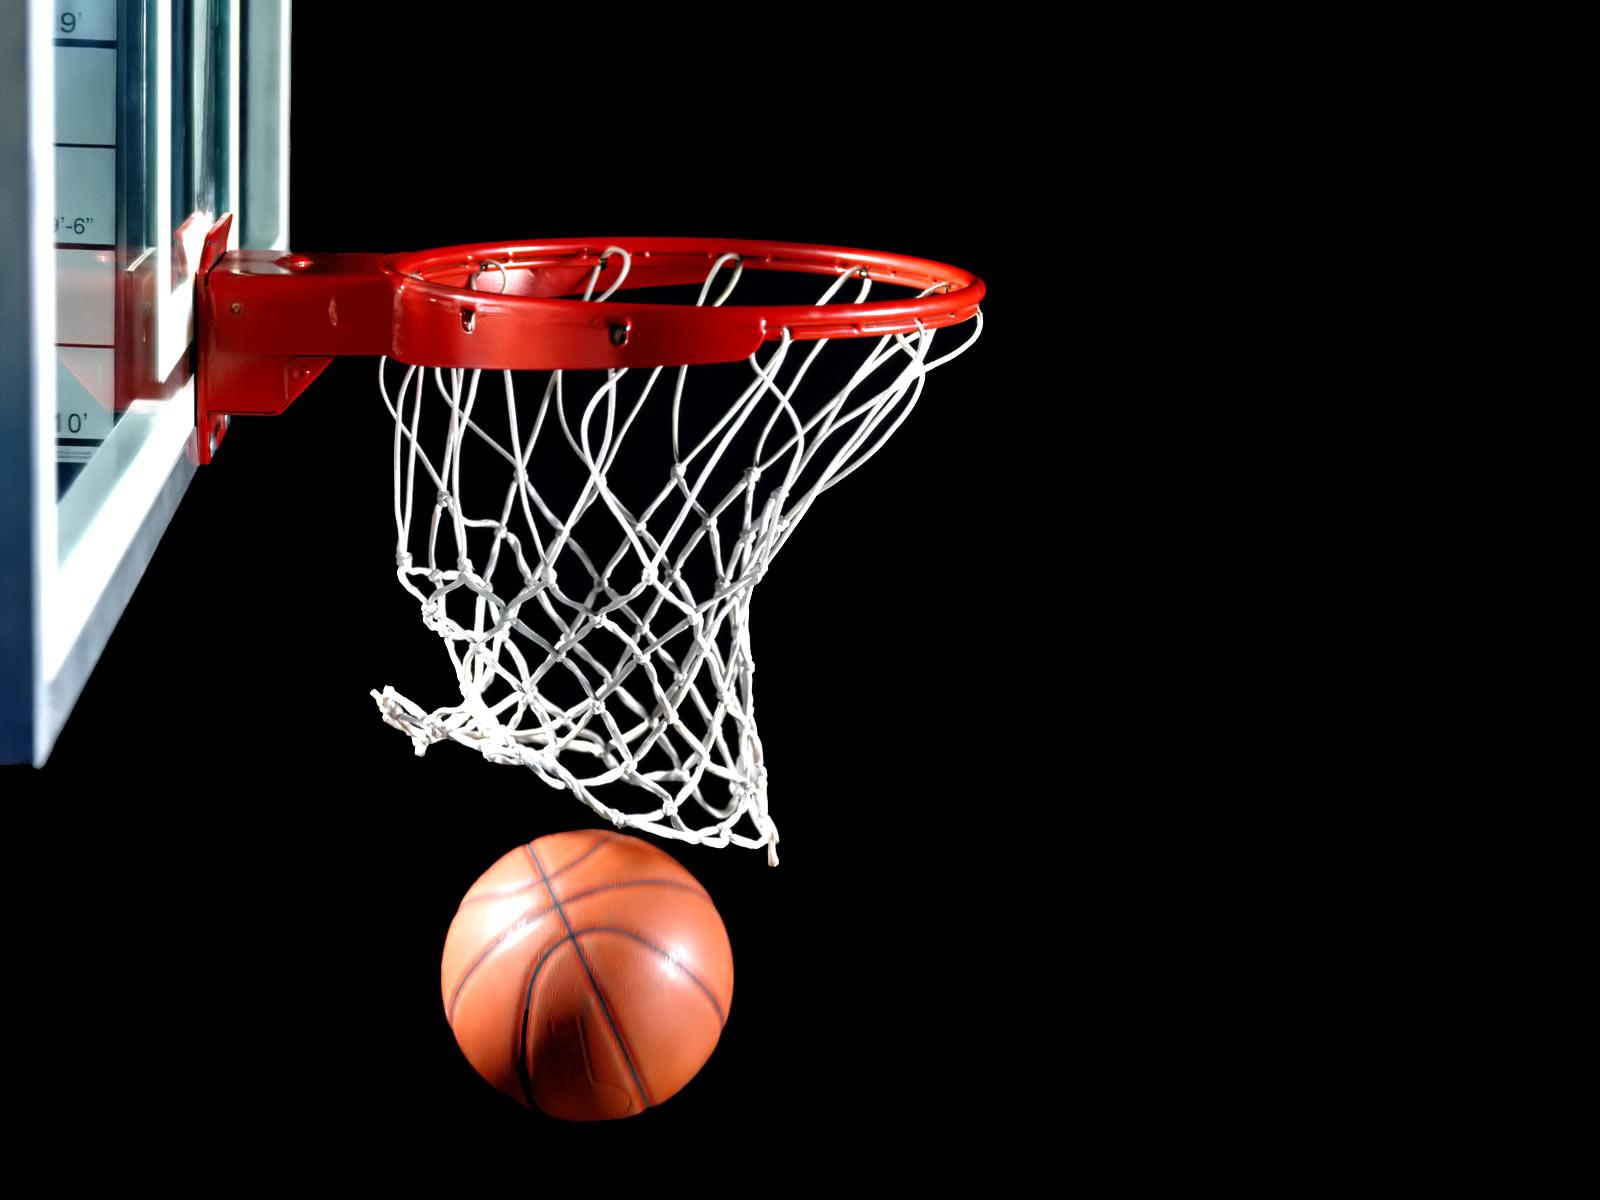 Los Fondos De Pantalla Animados Deportes Para Android: Patada De Caballo: Basketball